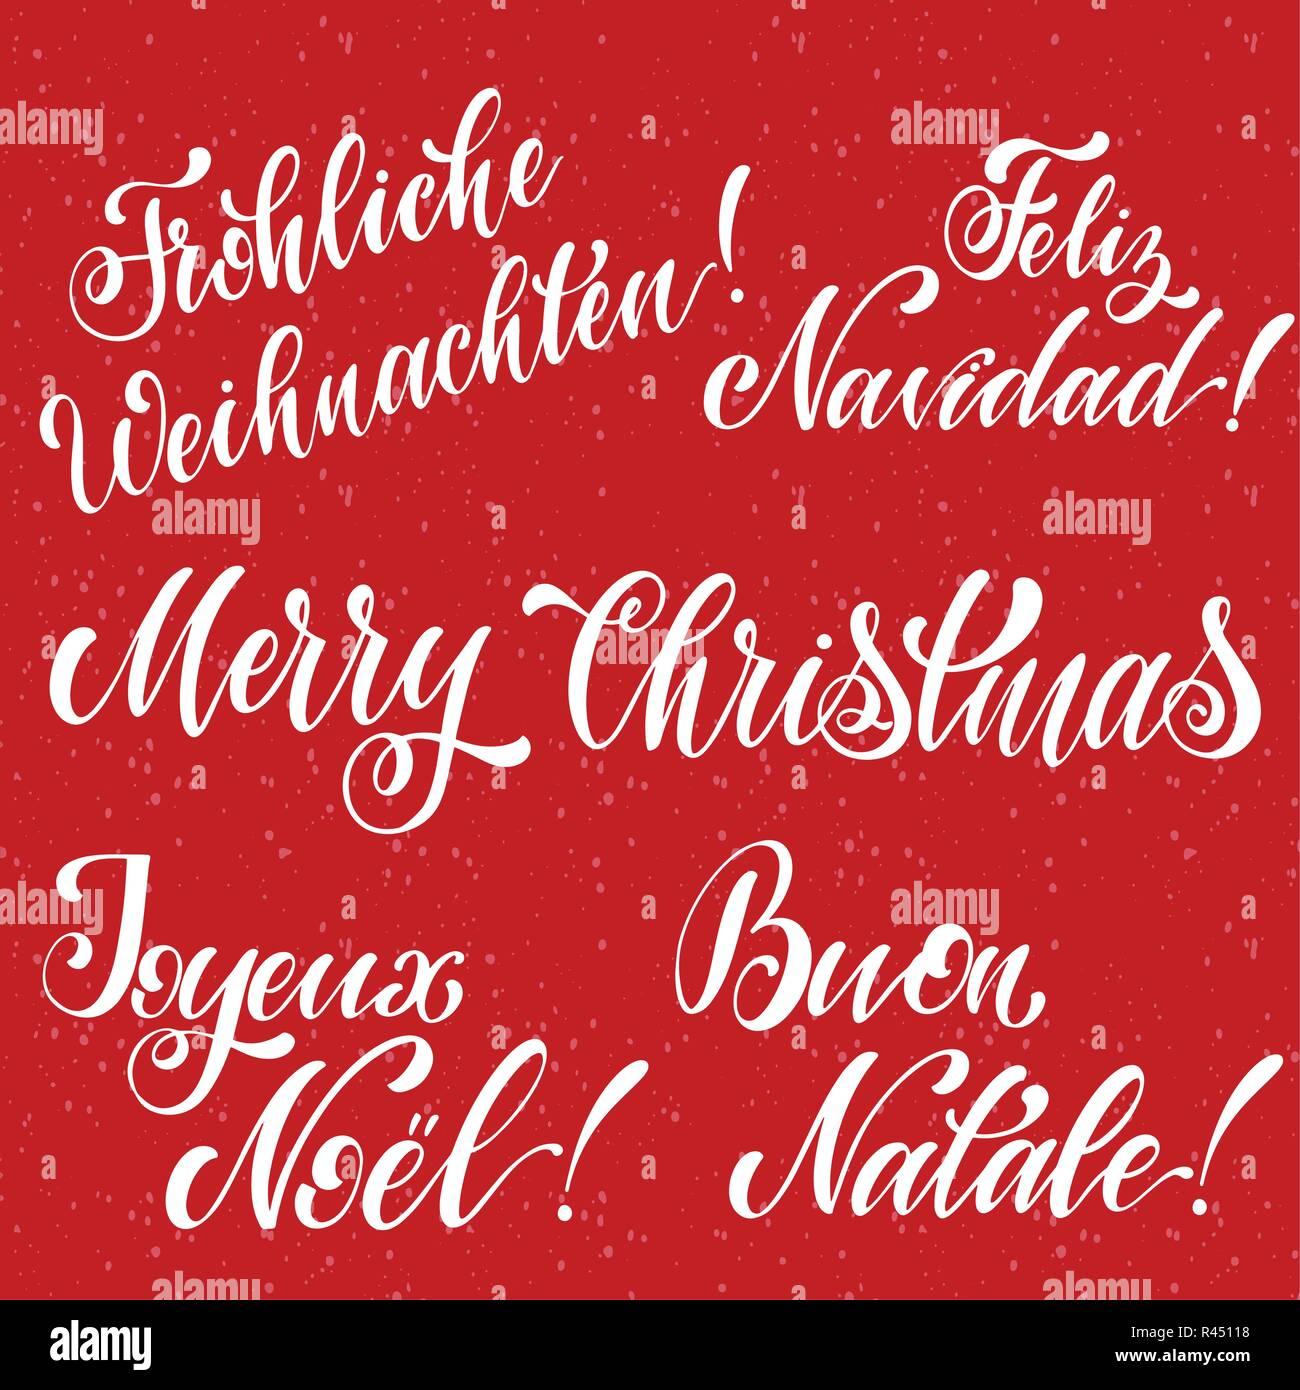 Spanish Christmas Cards Stock Photos Spanish Christmas Cards Stock